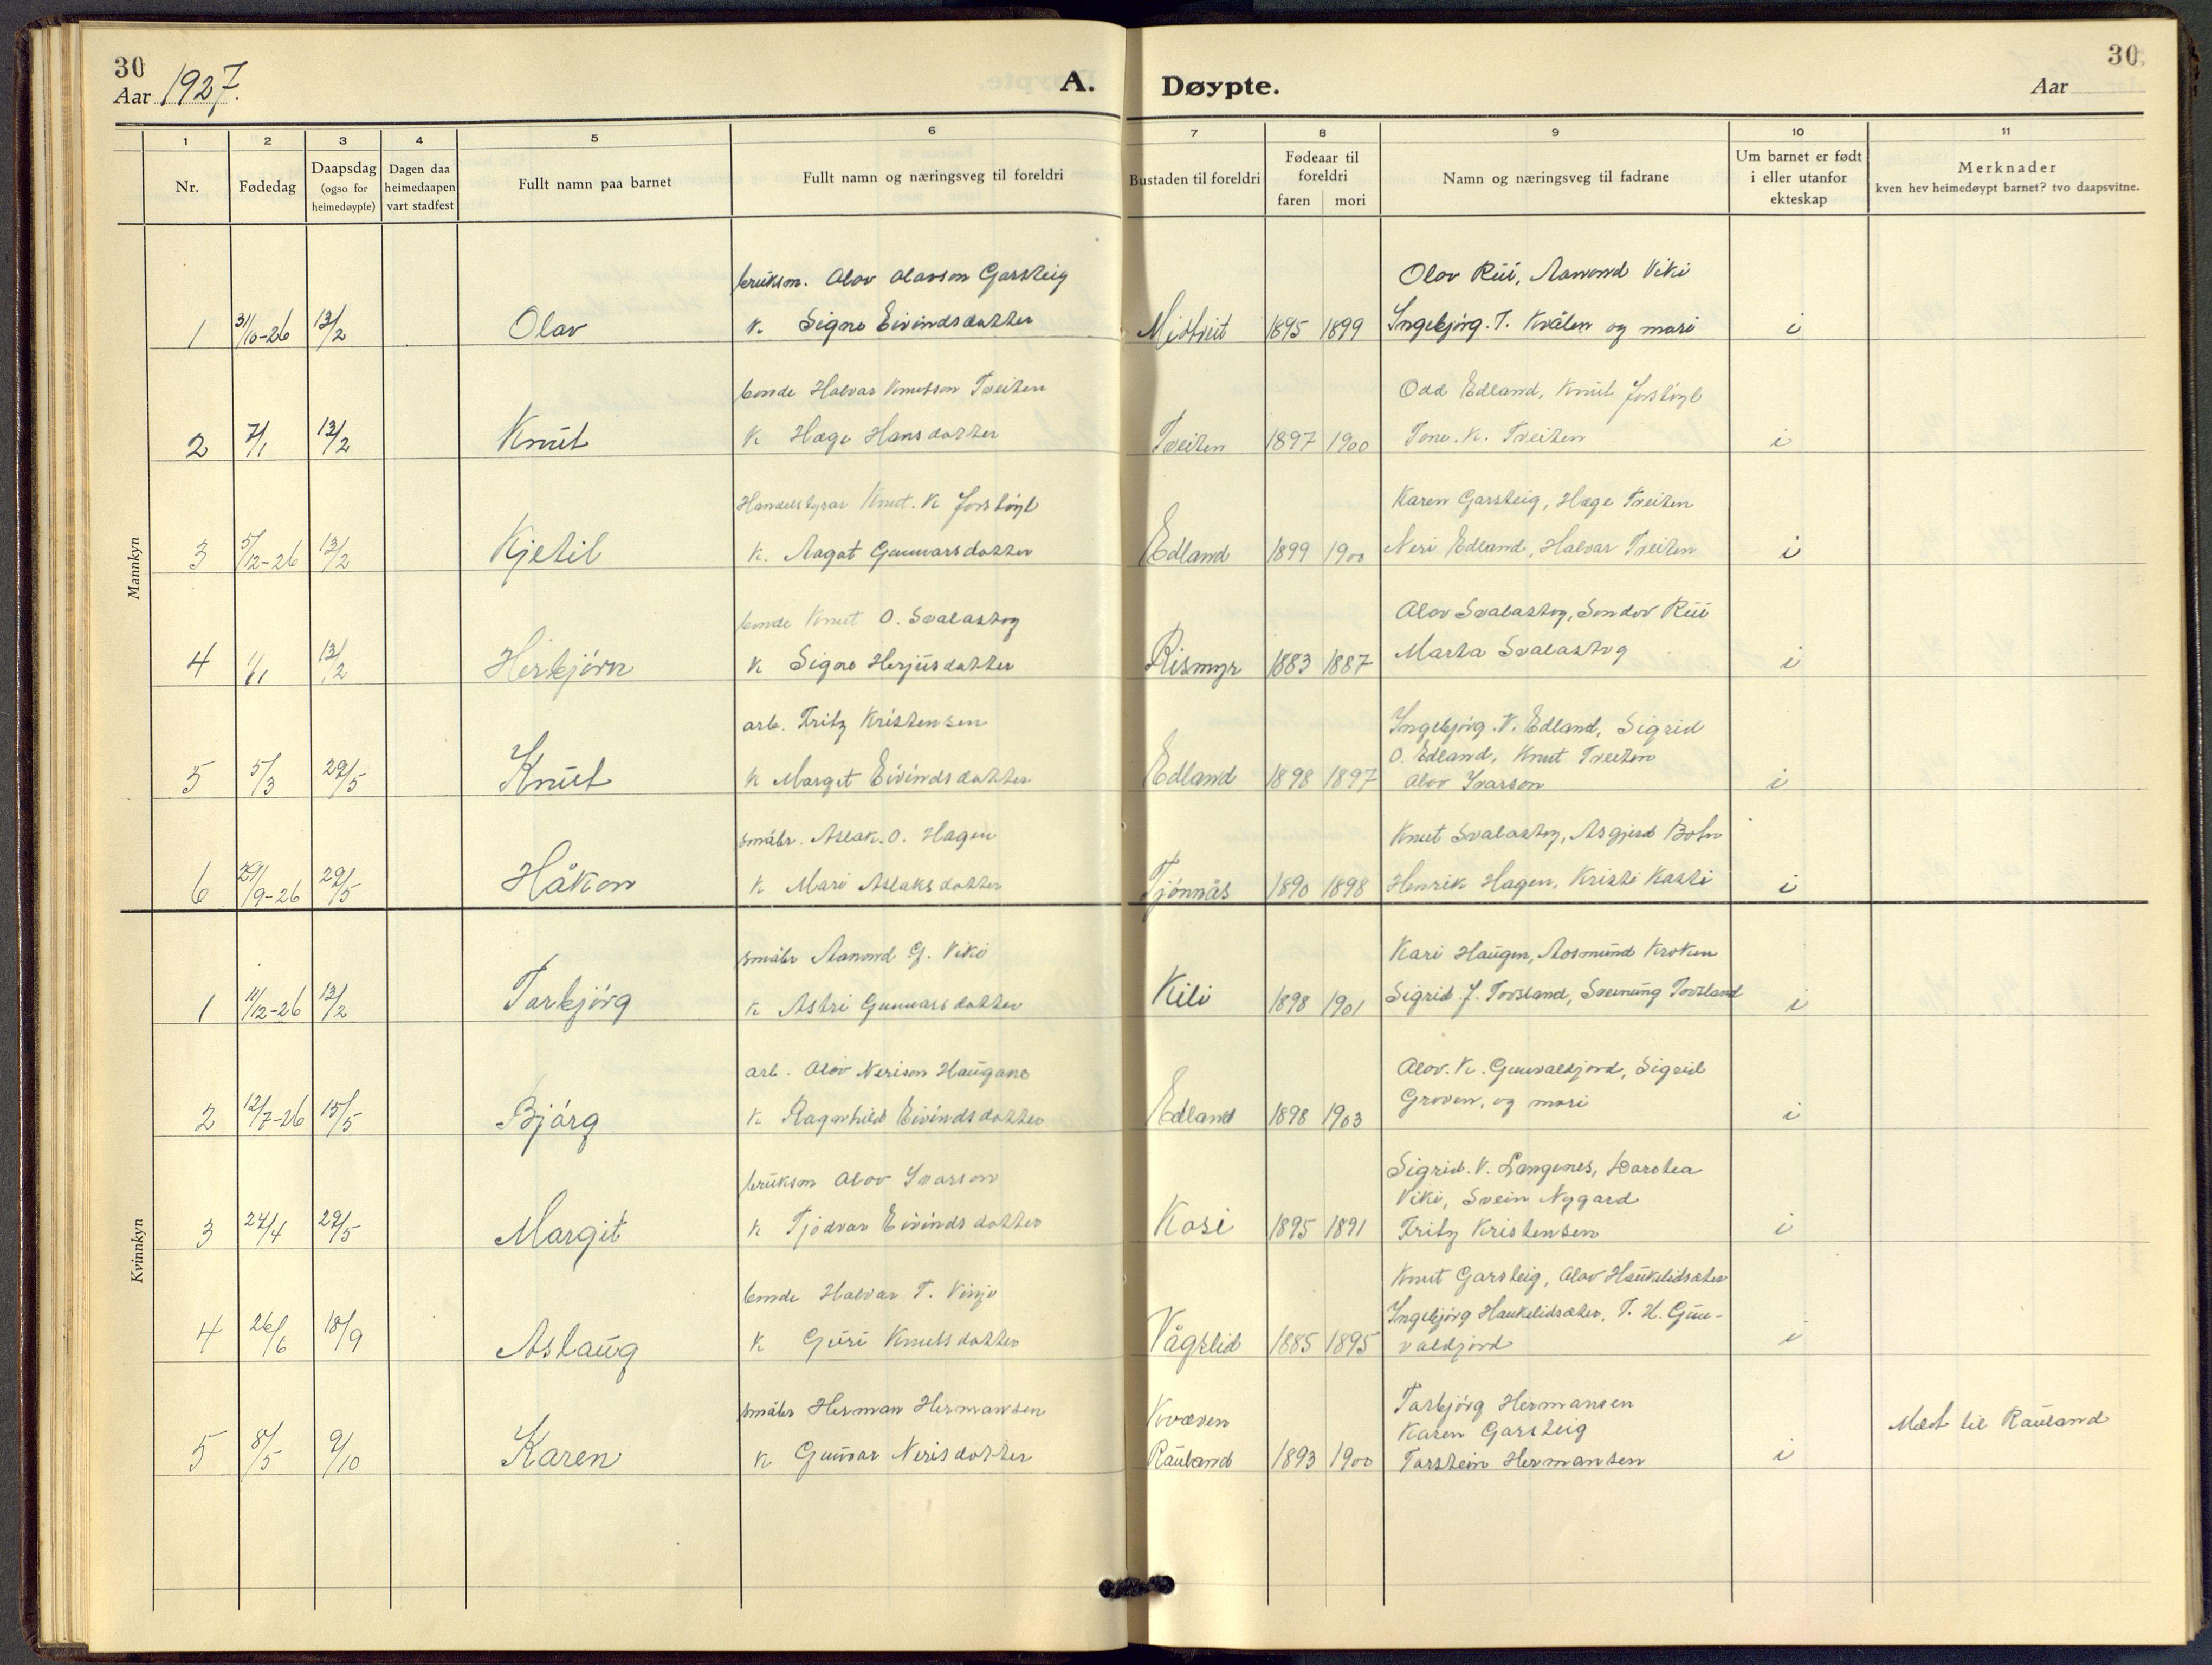 SAKO, Vinje kirkebøker, F/Fc/L0001: Ministerialbok nr. III 1, 1921-1943, s. 30